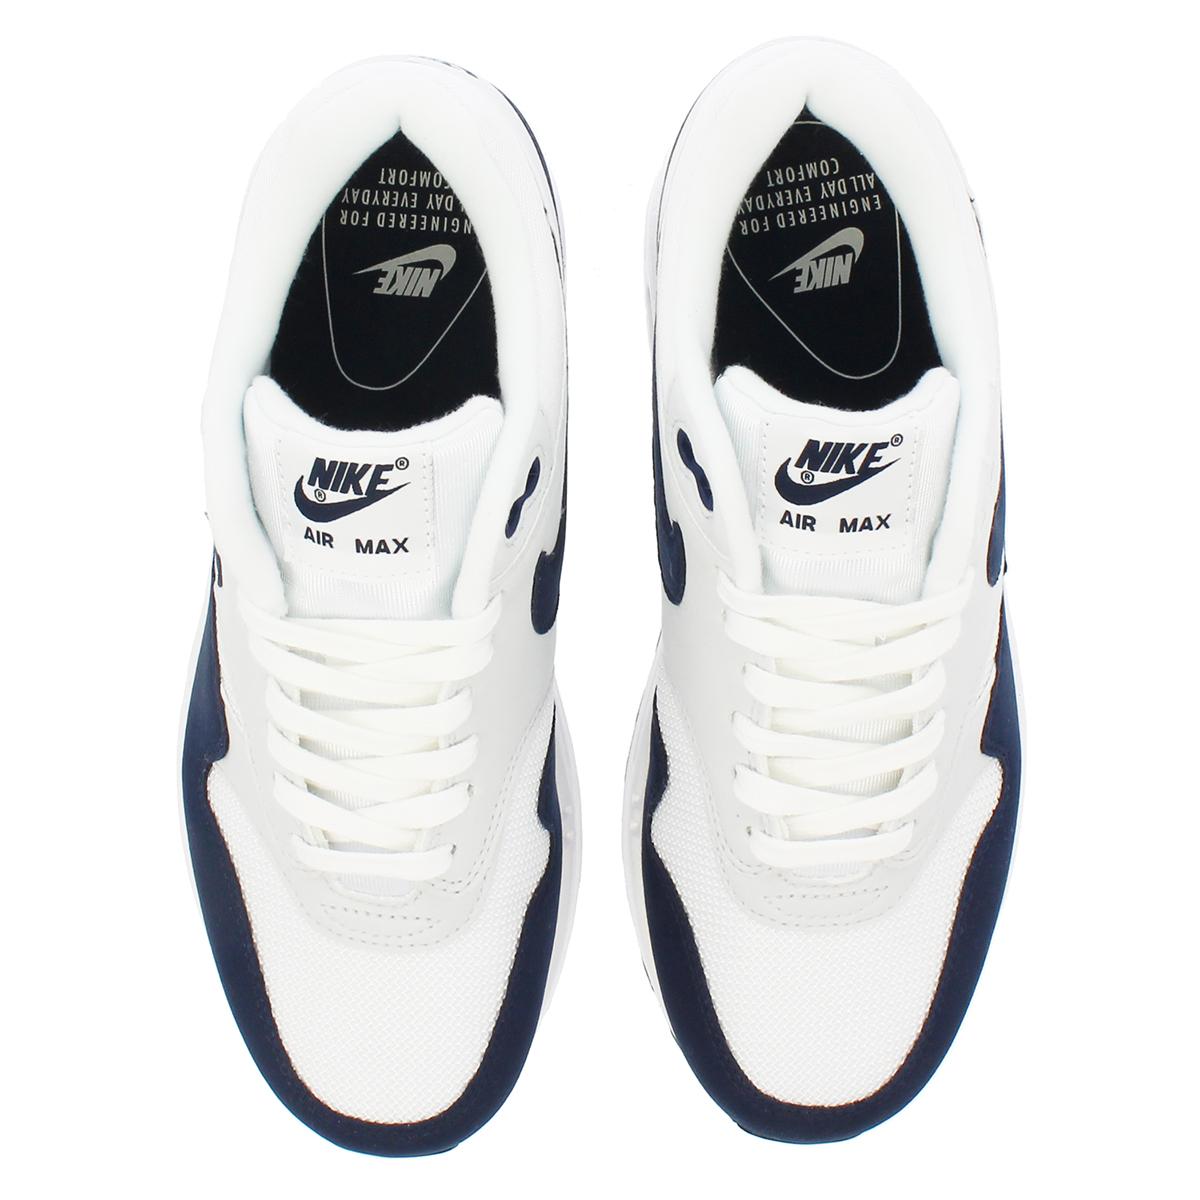 8cafaf2169a NIKE WMNS AIR MAX 1 Nike women Air Max 1 WHITE OBSIDIAN PURE PLATINUM BLACK